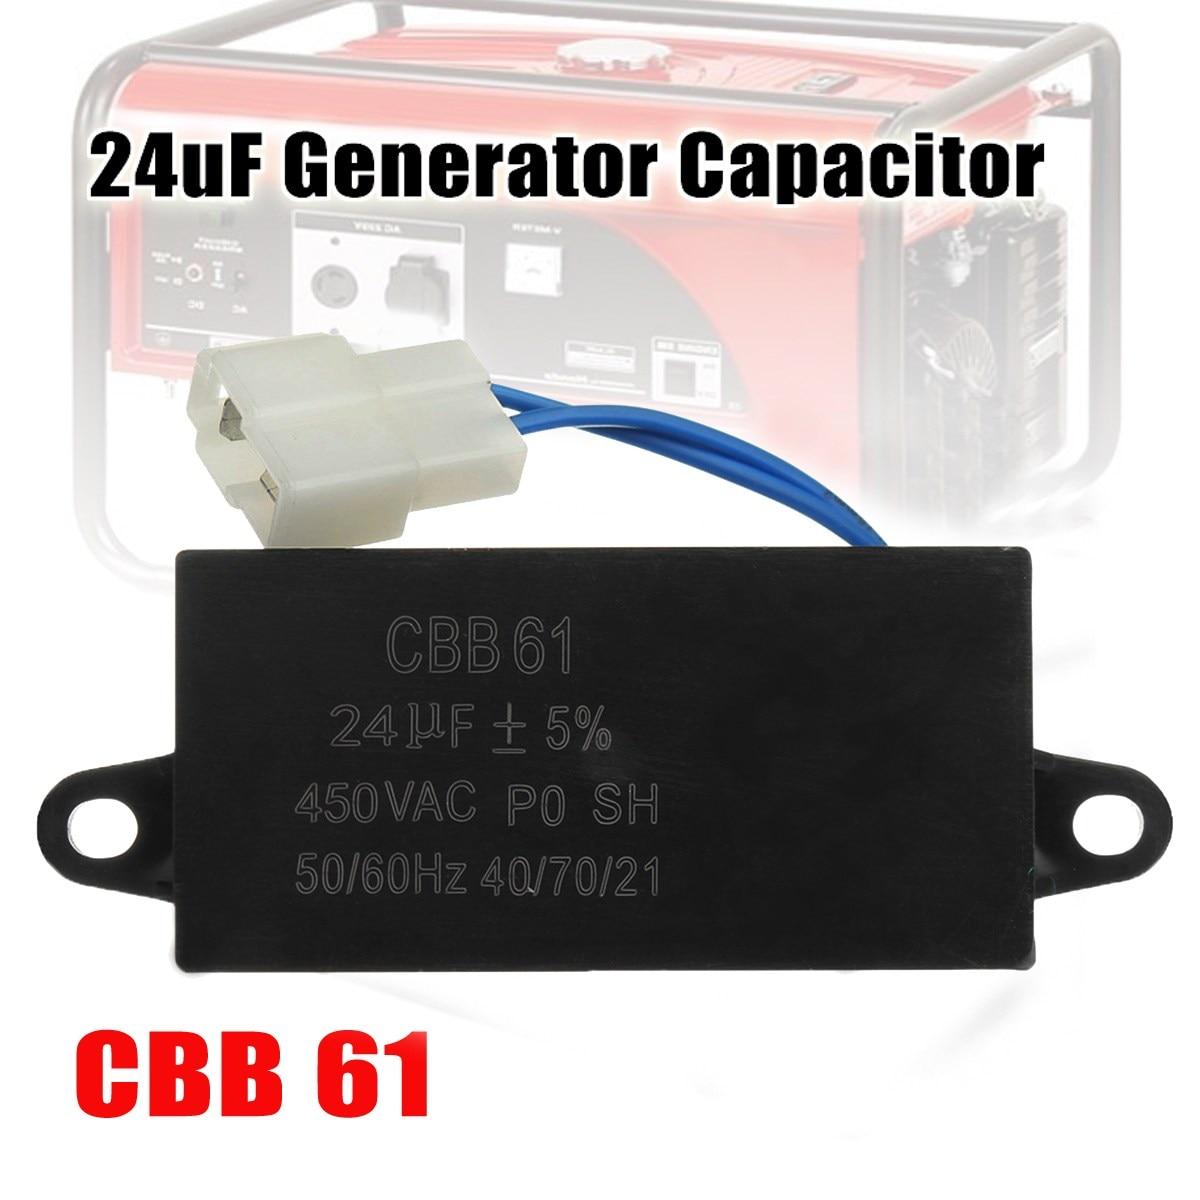 1Pcs New 24uF Generator Capacitor 24uF CBB61 24 uF 50 or 60 Hz 400V AC UPTO 450V AC UL1Pcs New 24uF Generator Capacitor 24uF CBB61 24 uF 50 or 60 Hz 400V AC UPTO 450V AC UL